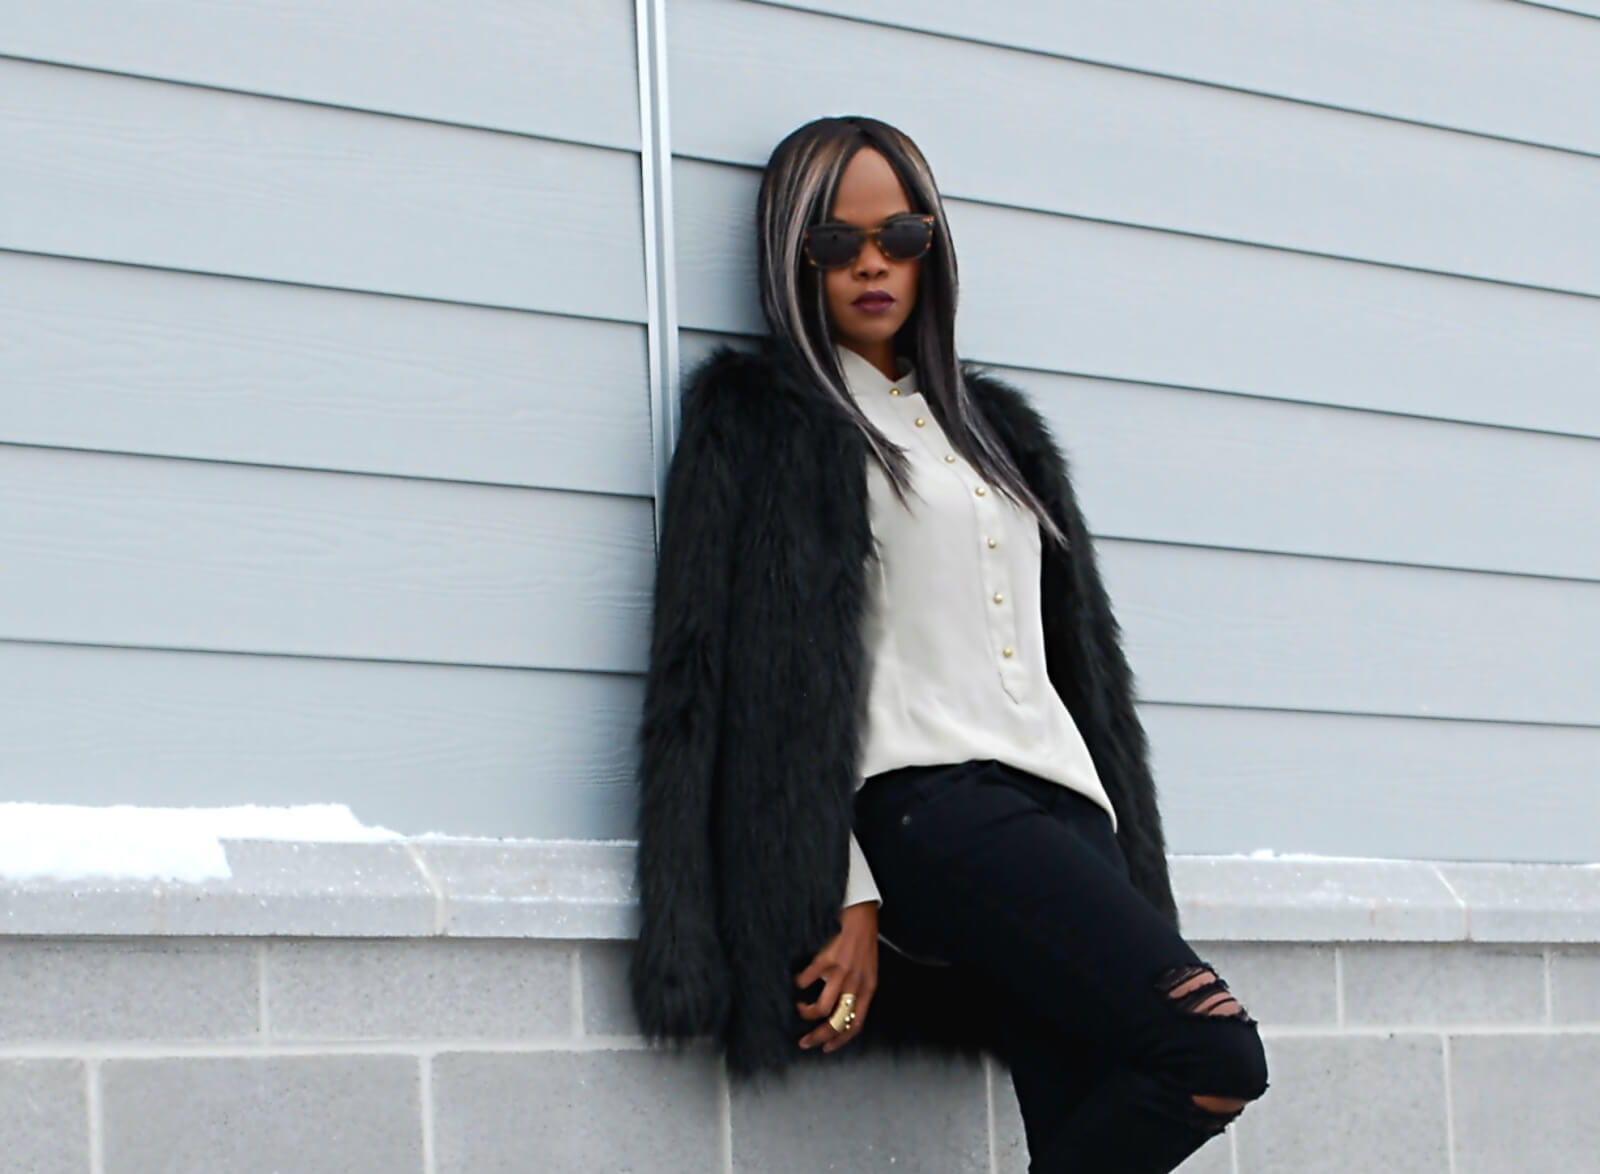 Black faux fur coat, faux fur, black faux fur jacket, black ripped denim, current/elliott denim, button up top, button down top, winnipeg fashion blogger, fashion blogger style, african blogger